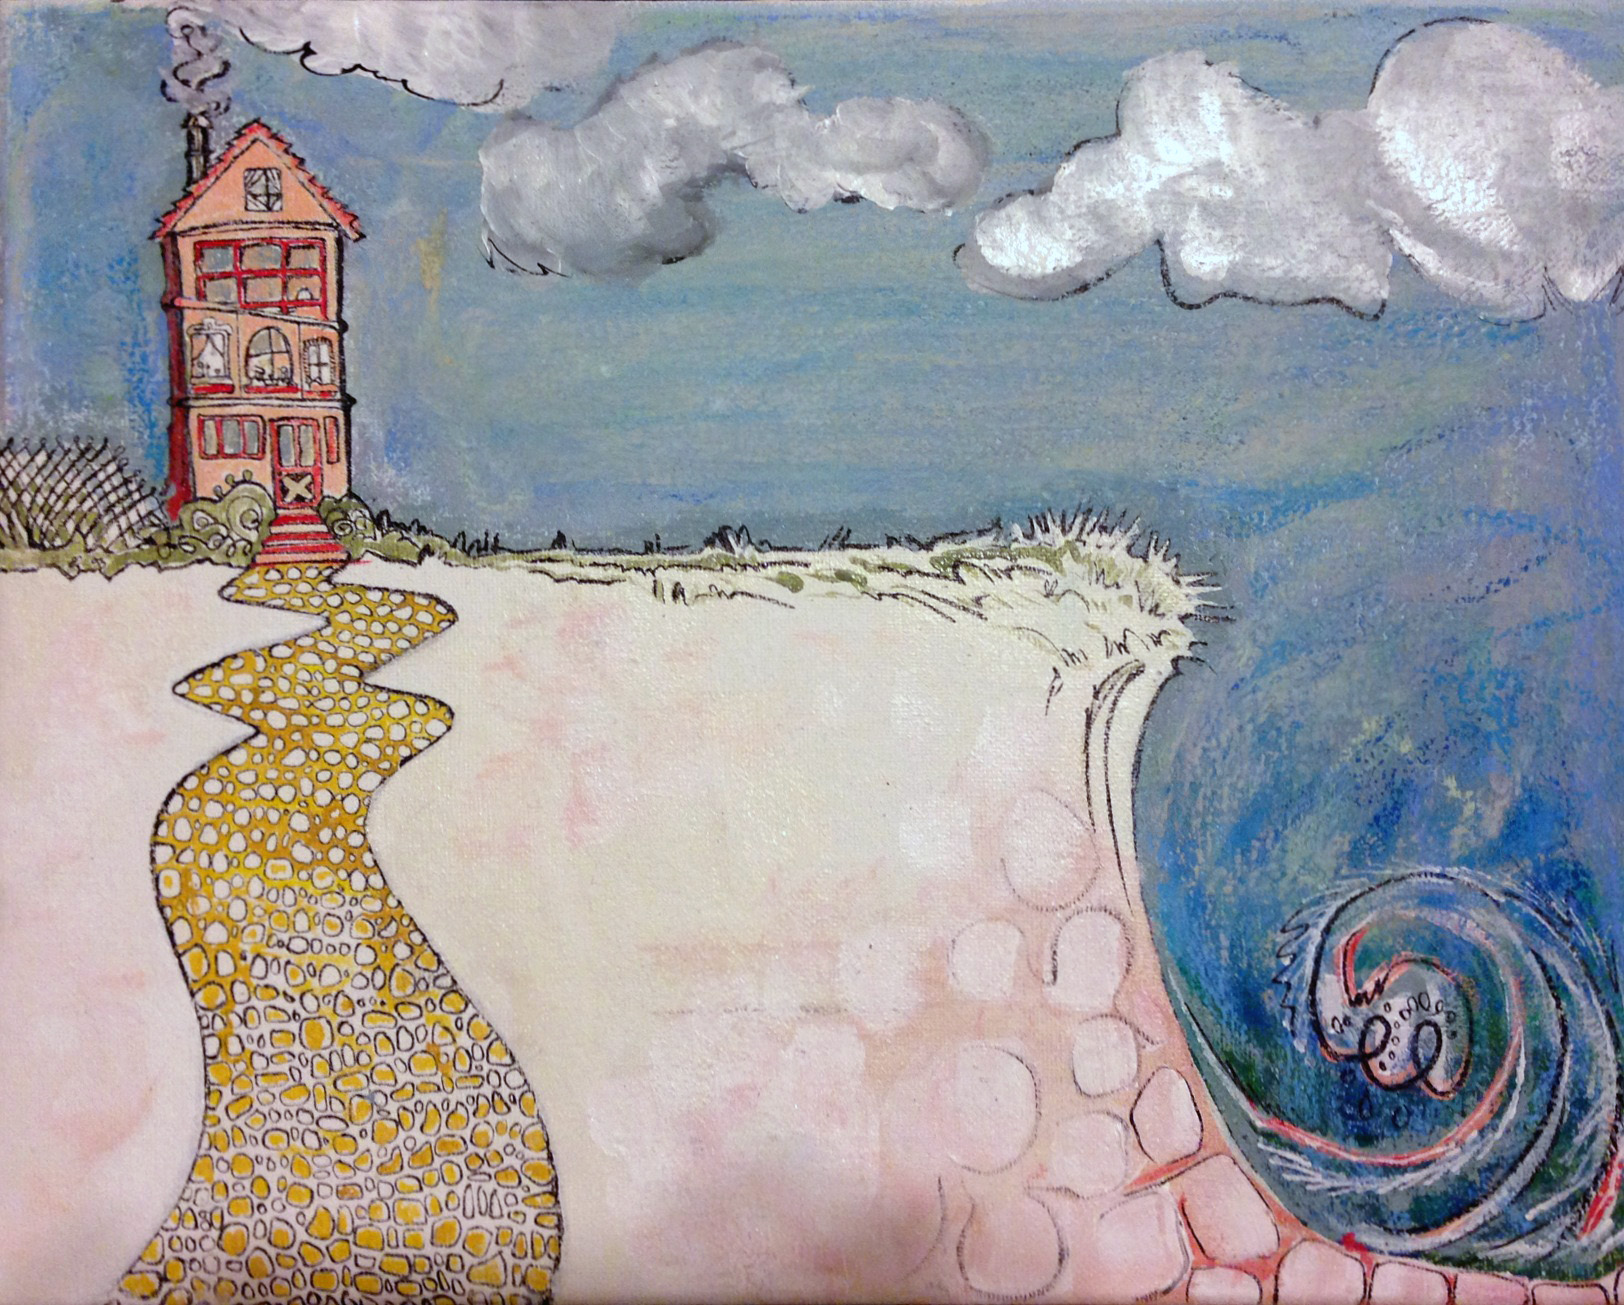 Beach Houses #1